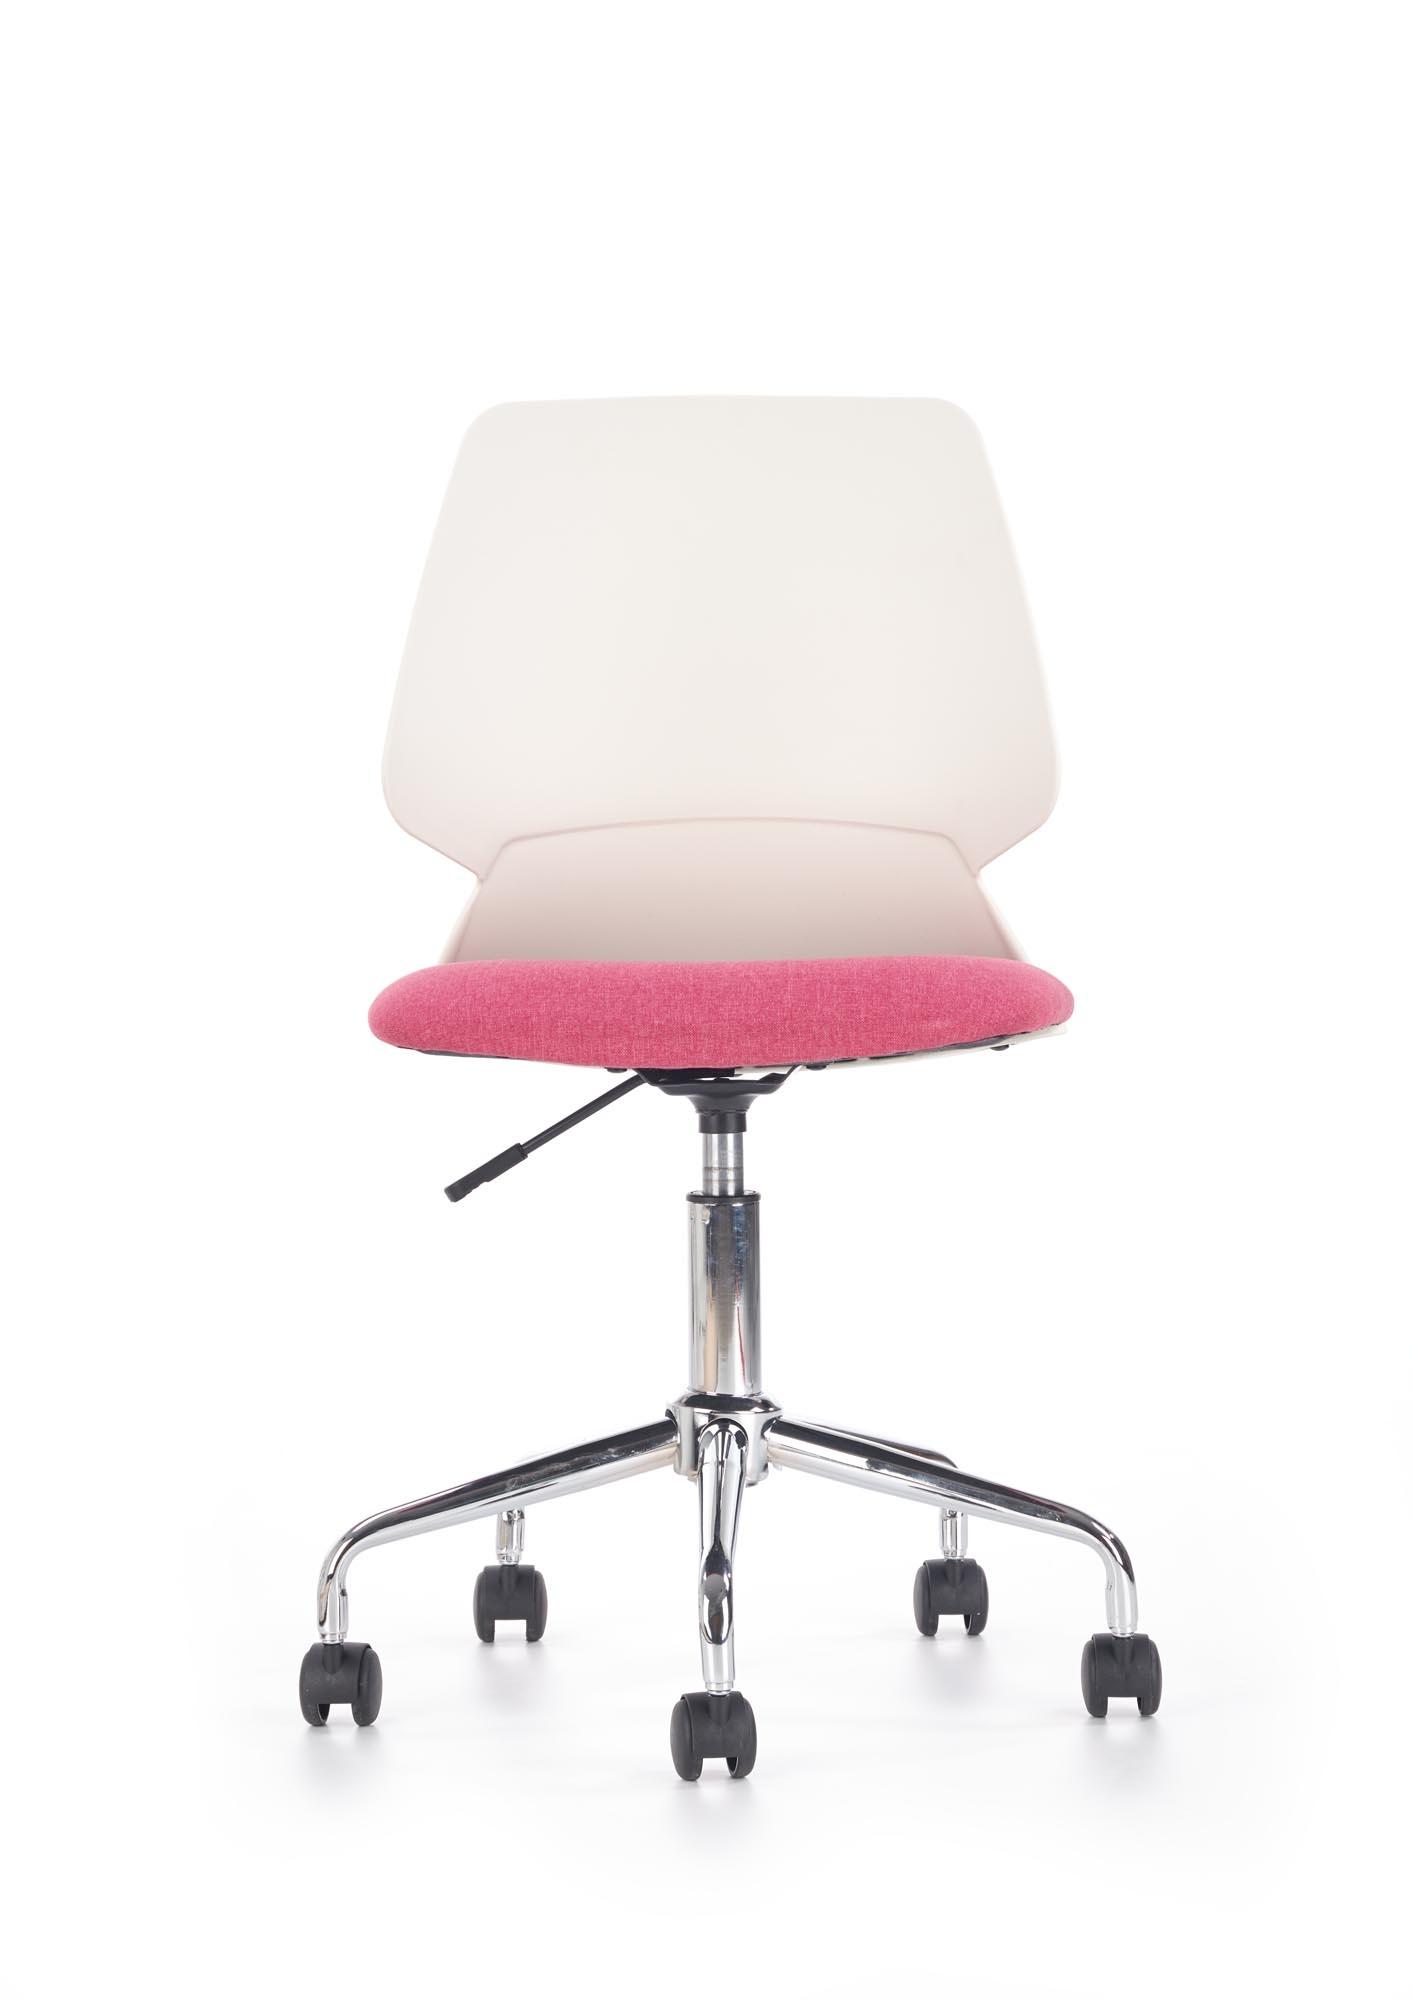 Scaun de birou pentru copii Skate White / Pink